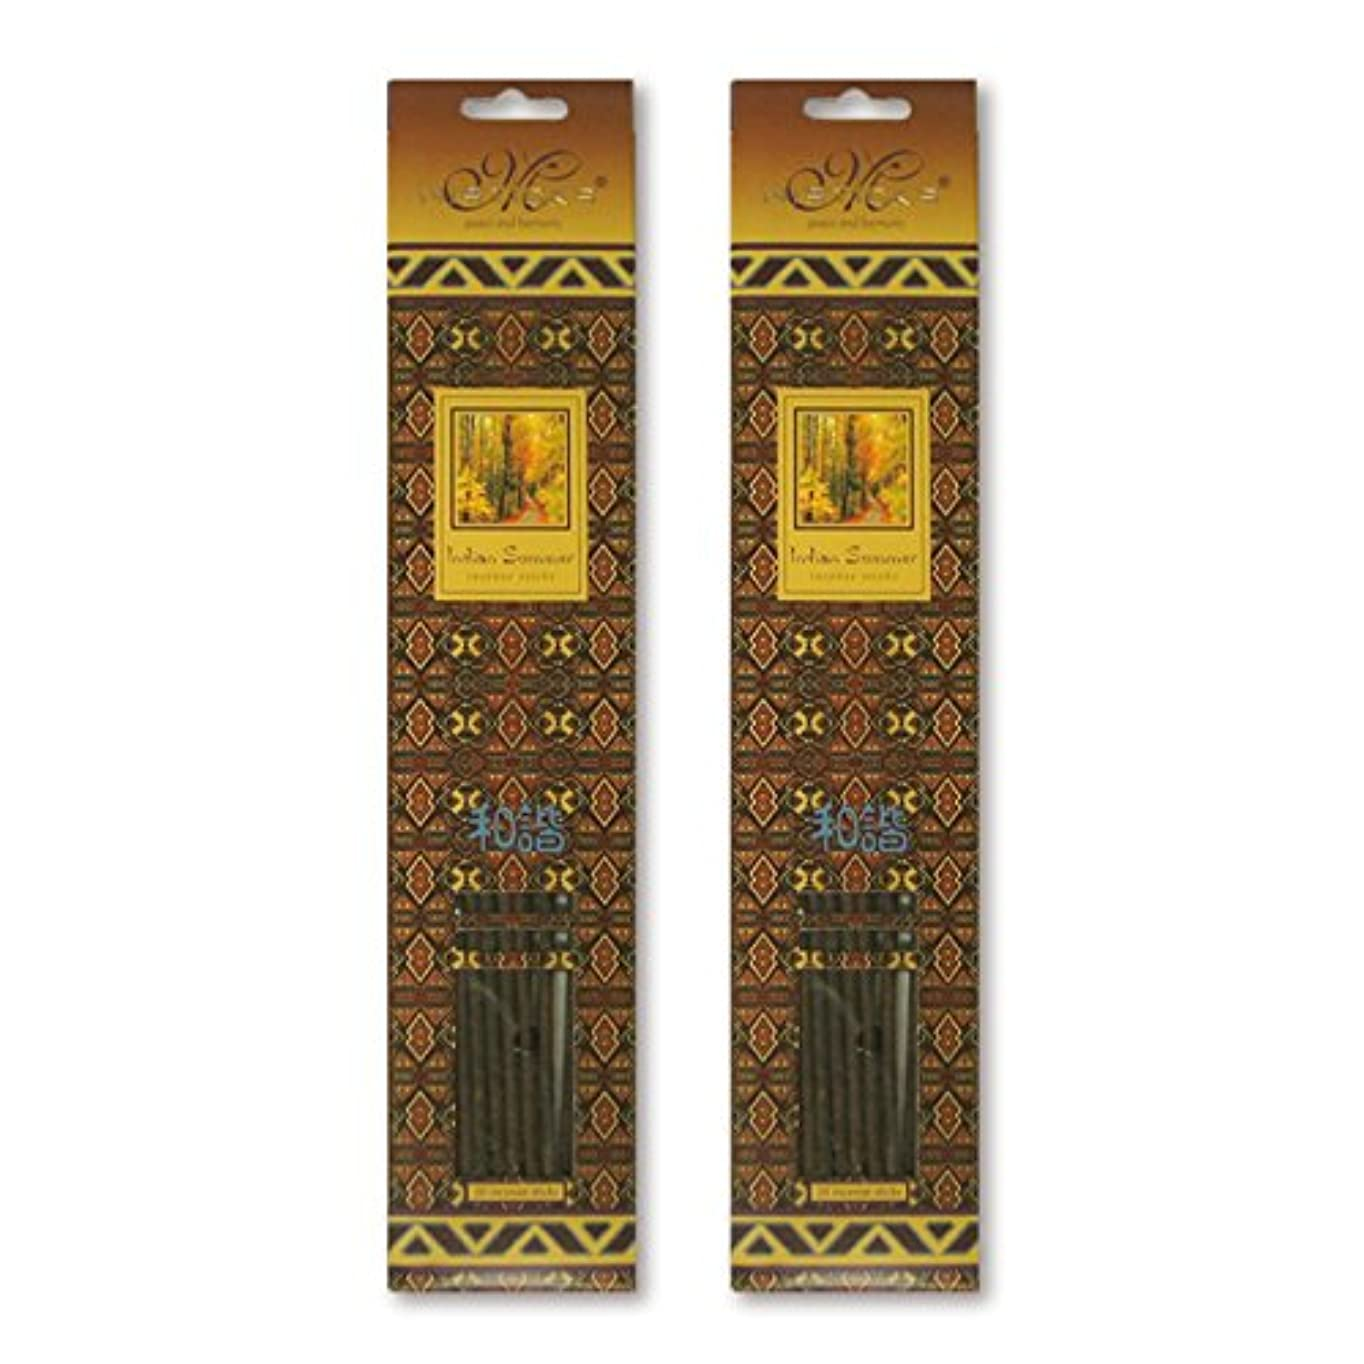 結果クルー例示するMISTICKS ミスティックス Indian Summer インディアンサマー お香 20本 X 2パック (40本)